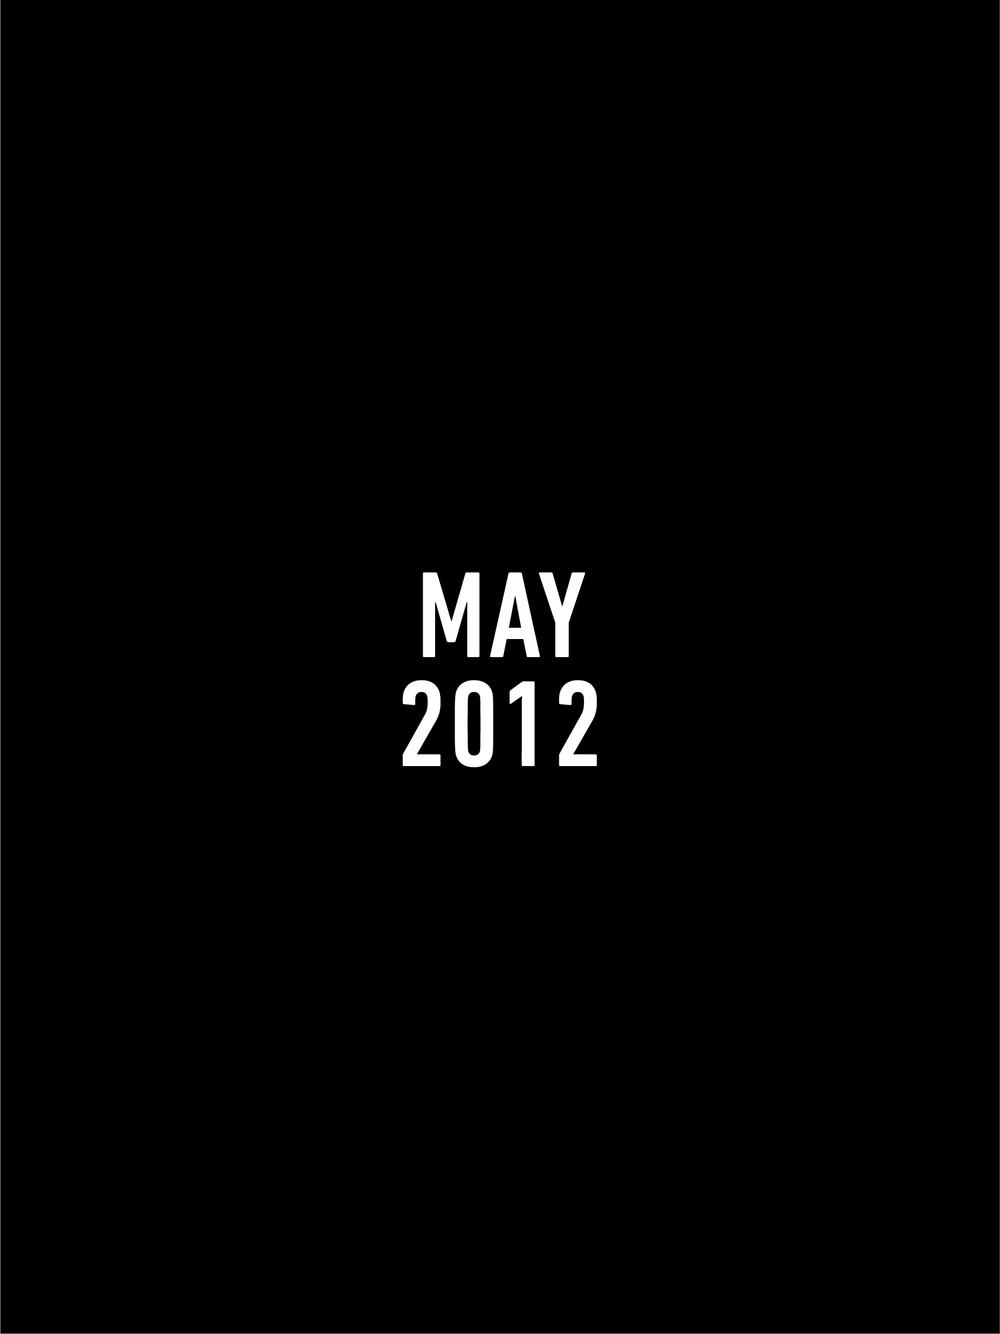 2012 months5.jpg